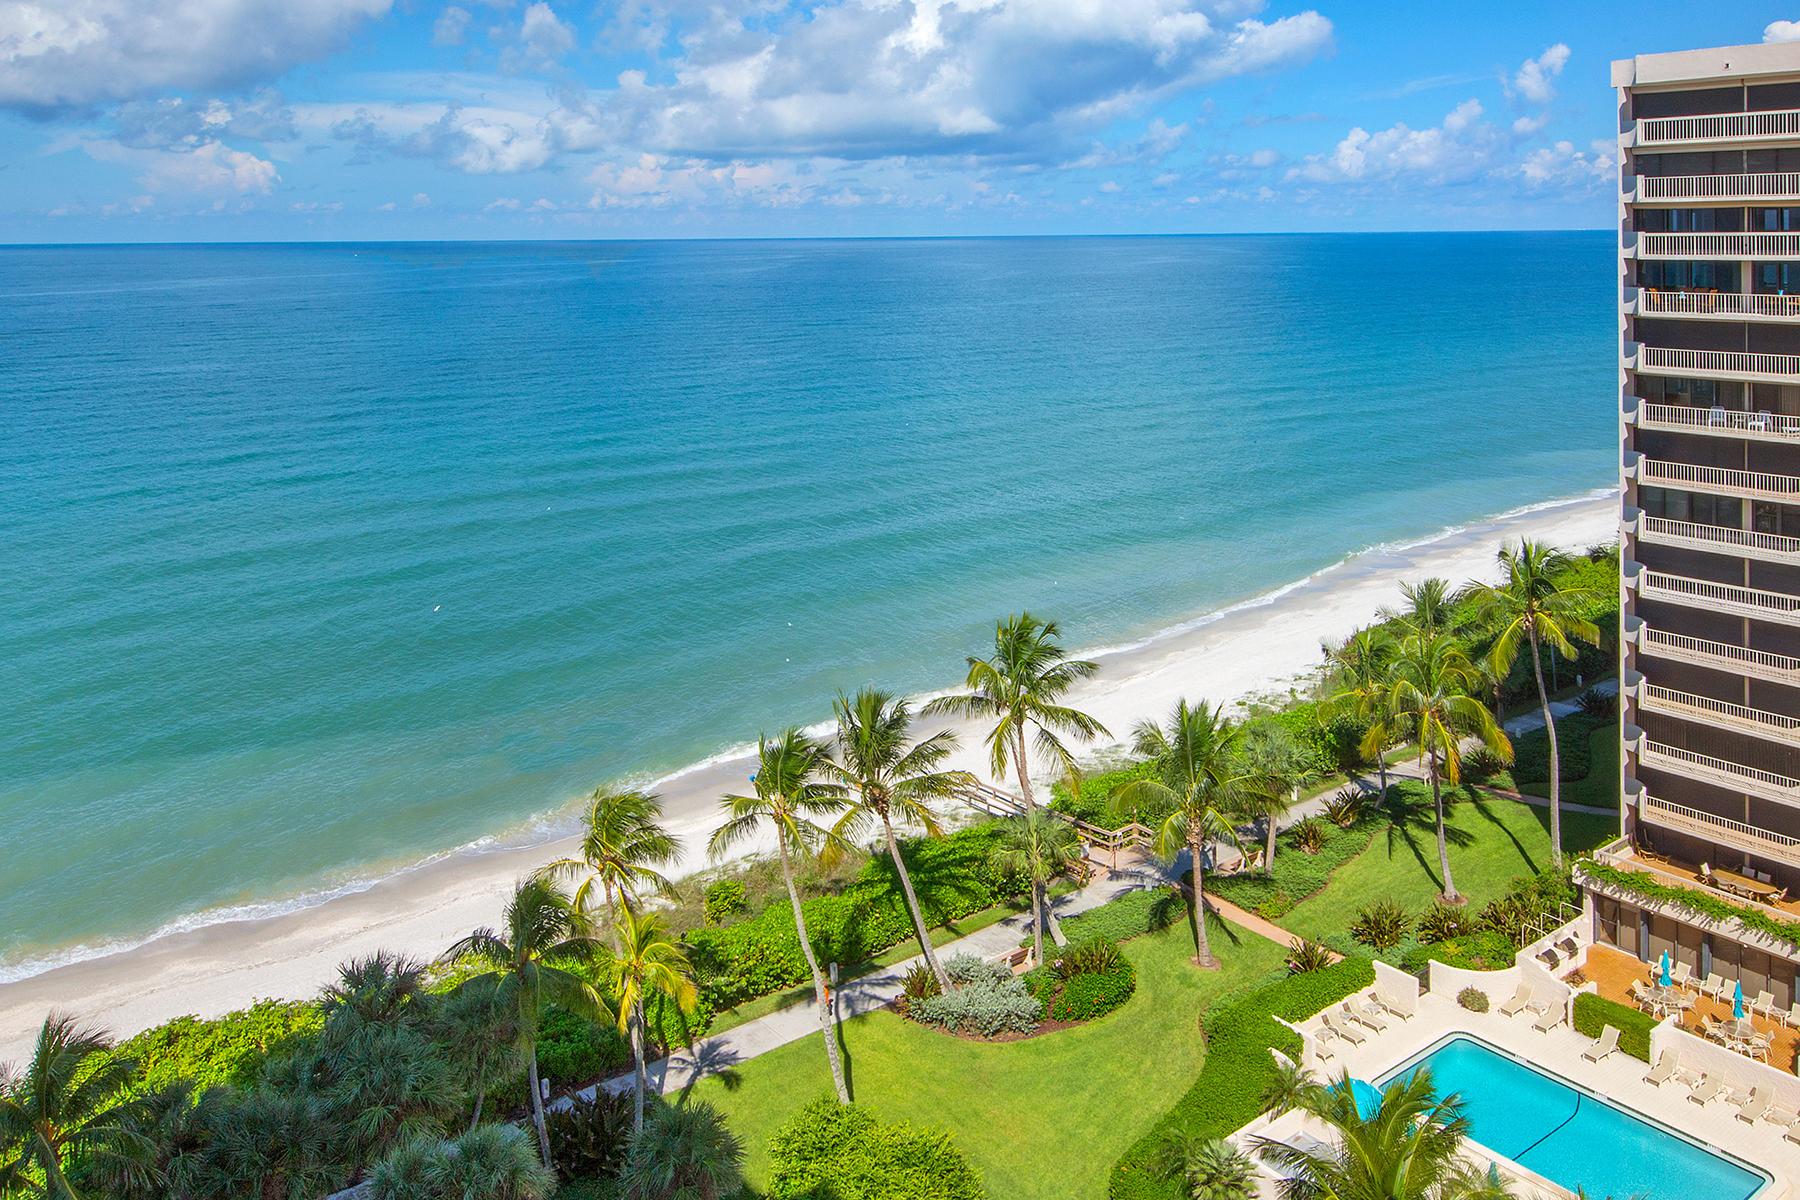 Condomínio para Venda às PARK SHORE - SURFSEDGE 4001 Gulf Shore Blvd N 1202 Naples, Florida, 34103 Estados Unidos